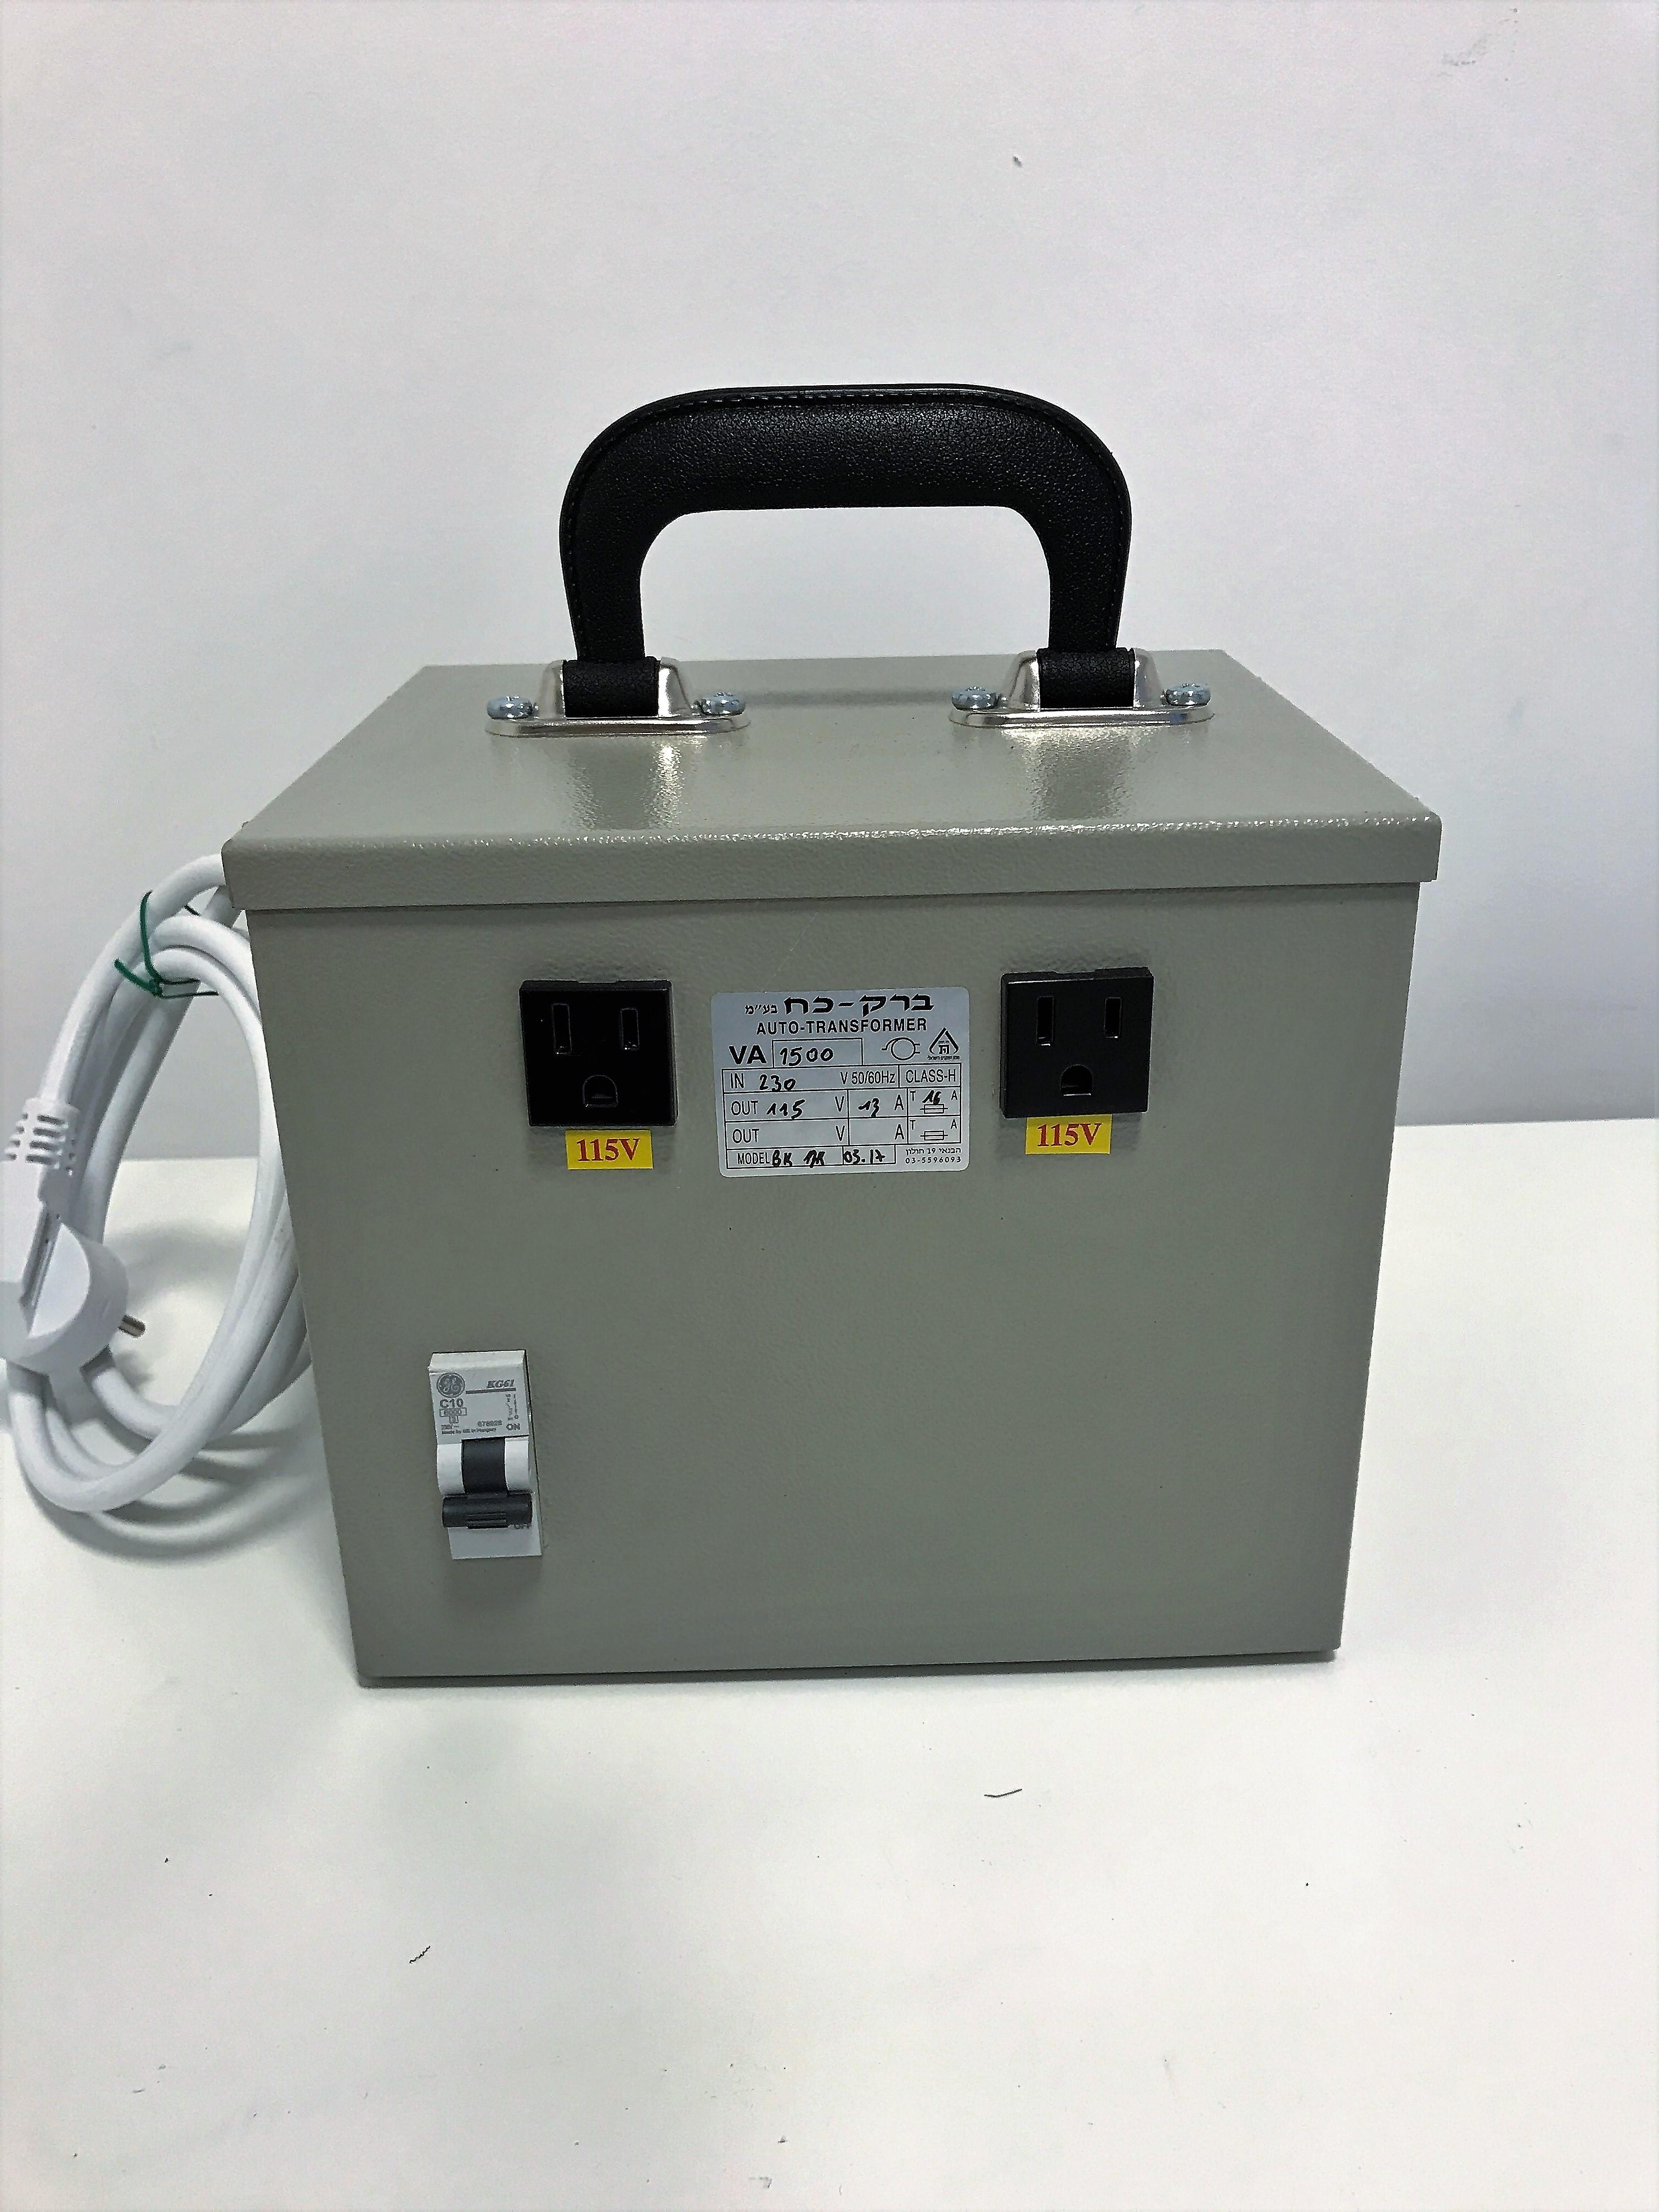 שנאי אוטוטרפו *קומפלט* בהספק 750VA (למכשיר אמריקאי 115V)